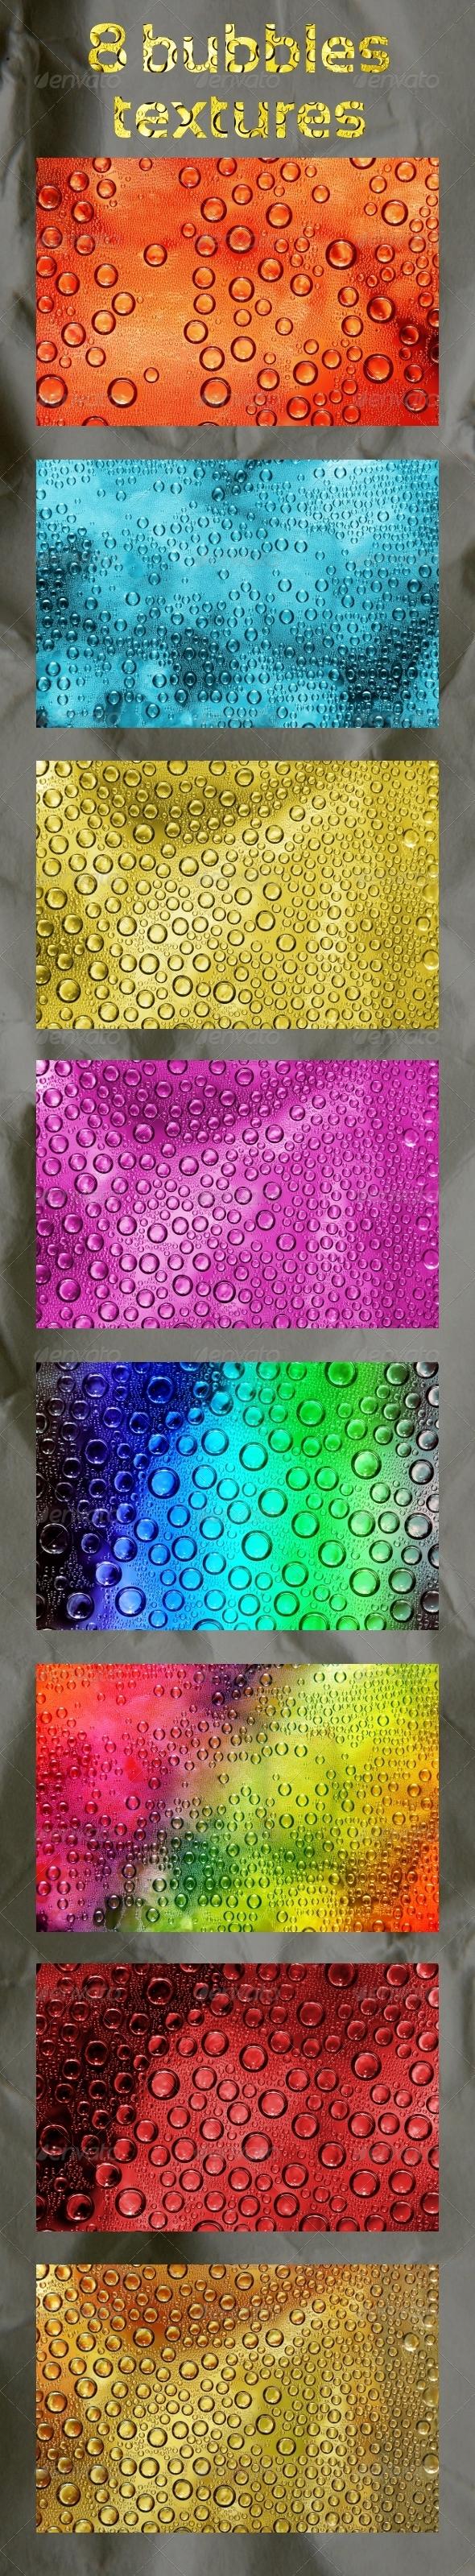 Bubbles - Miscellaneous Backgrounds